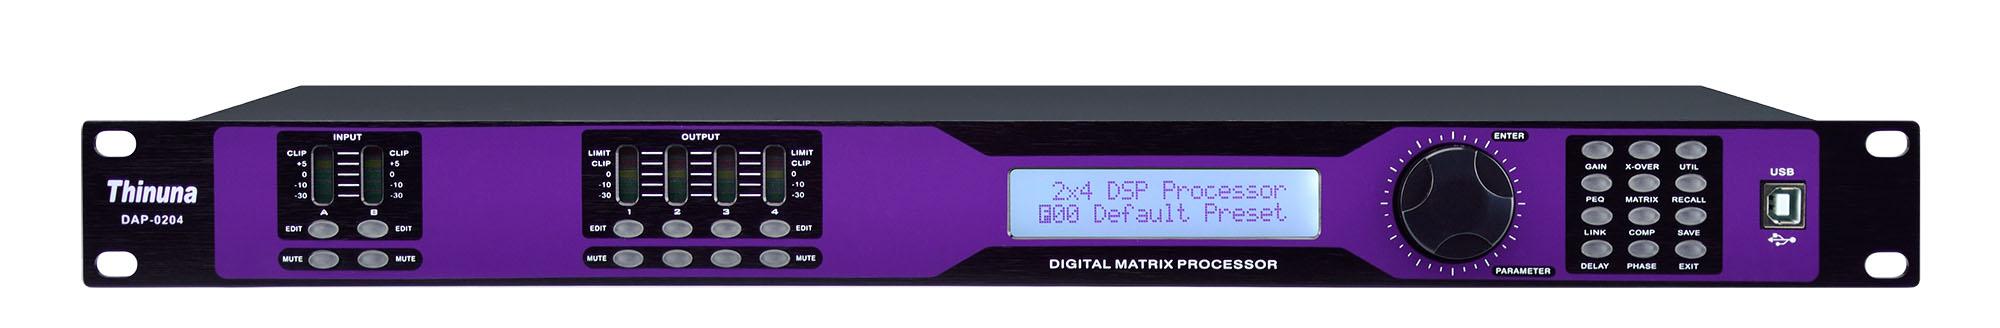 DAP-0204 Two input Four output Audio processor